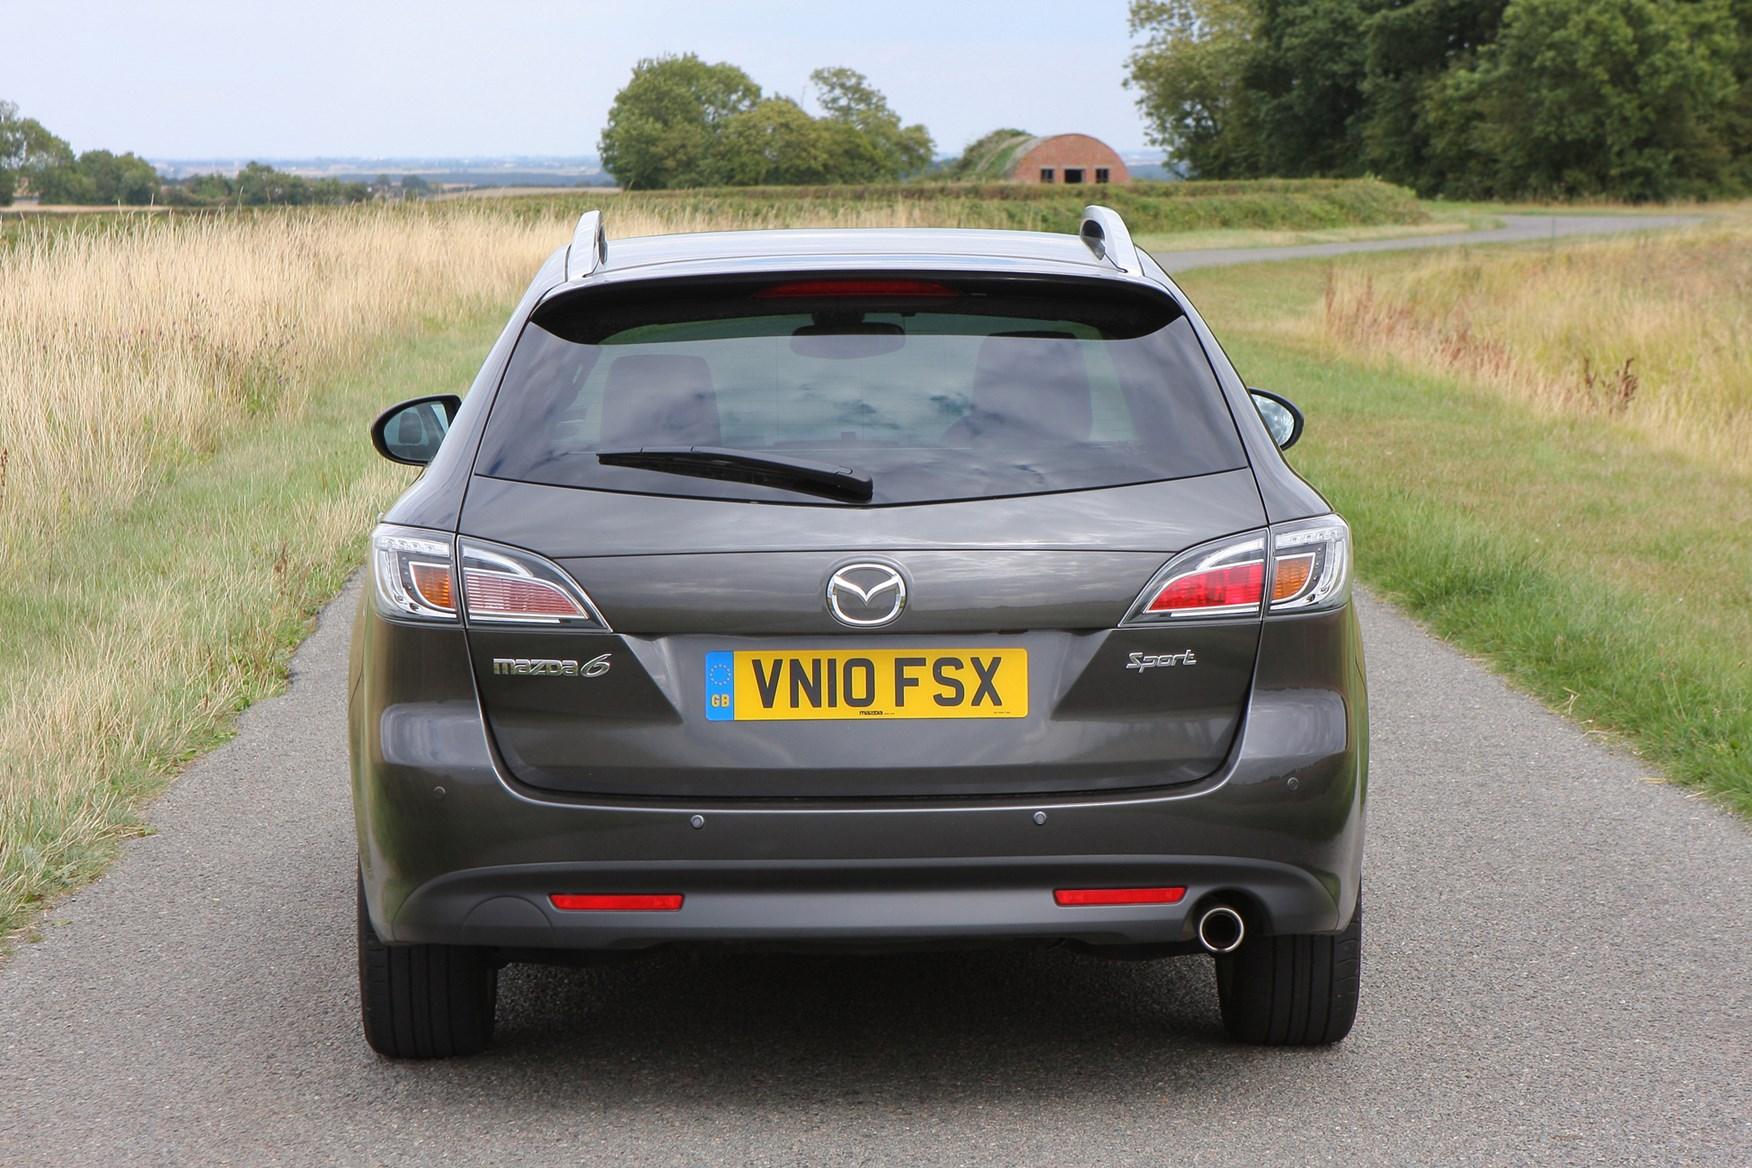 mazda 6 estate review 2008 2012 parkers rh parkers co uk Mazda CX-9 2015 Mazda CX-5